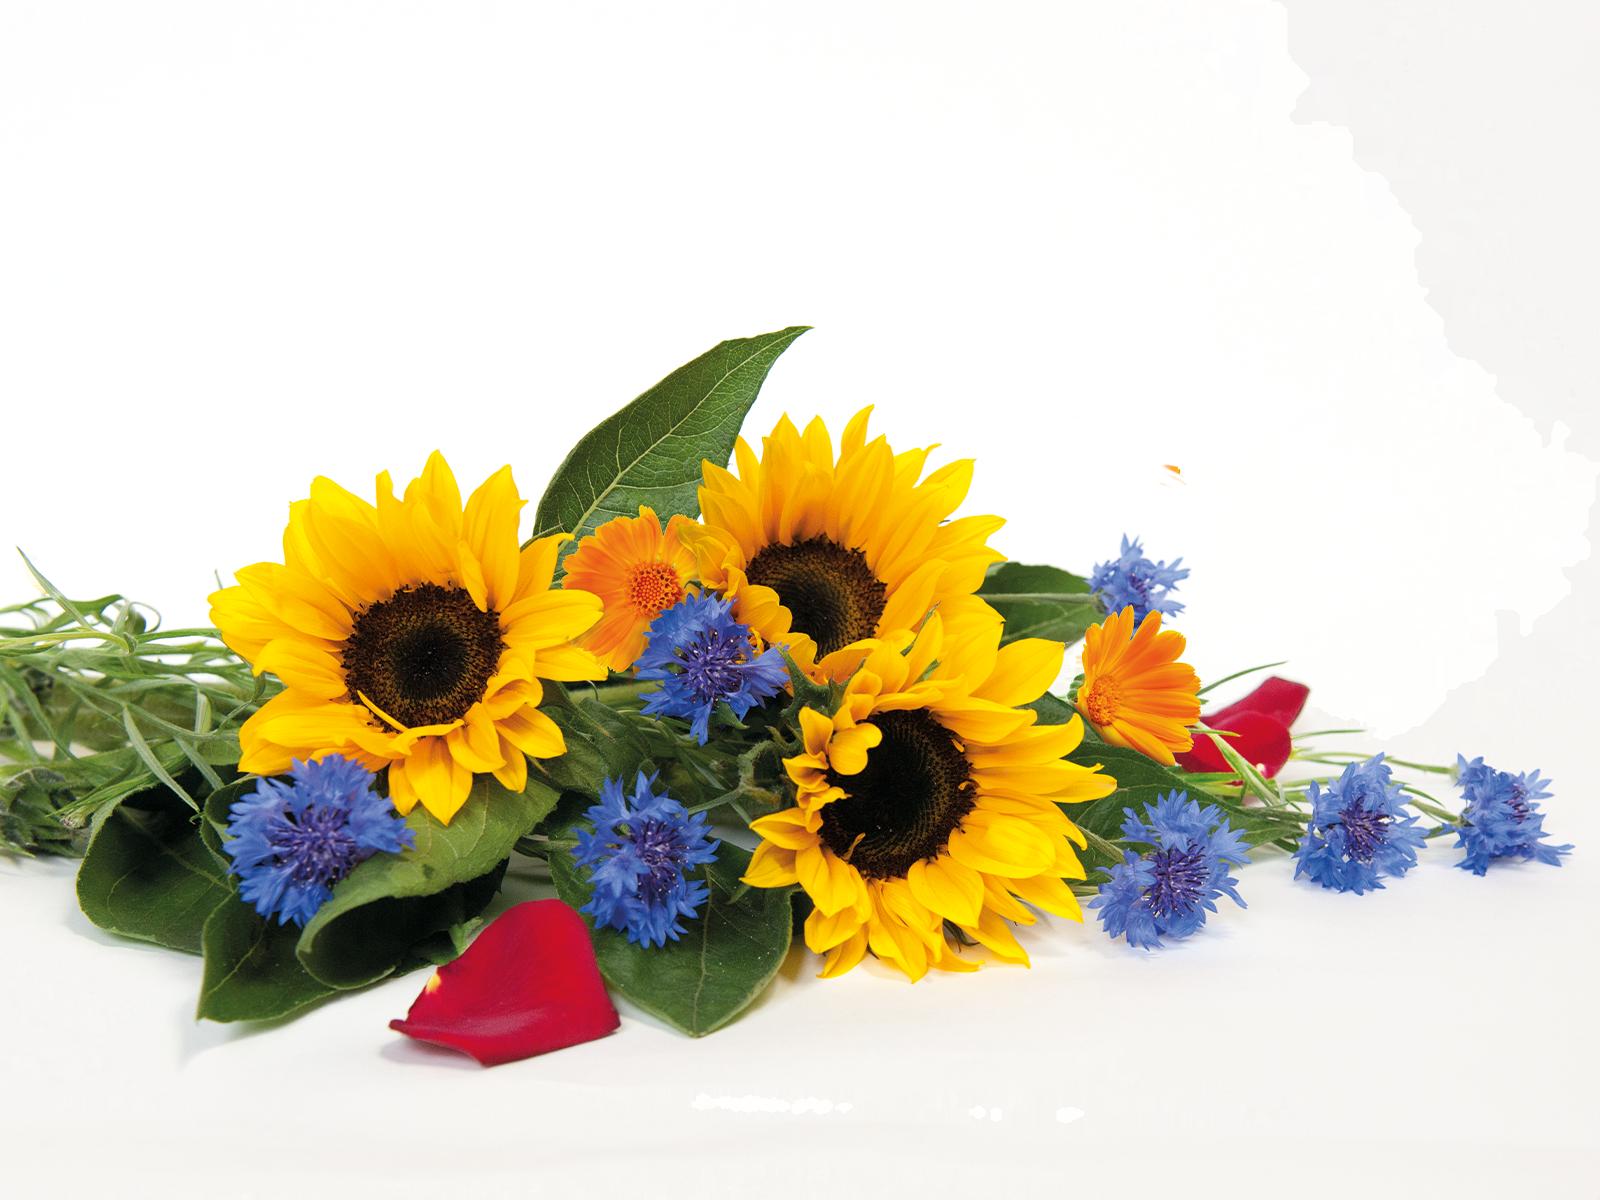 Wiesenblumen aus dem Produkt Snacks Blütenträume für Nager von Speers Hoff